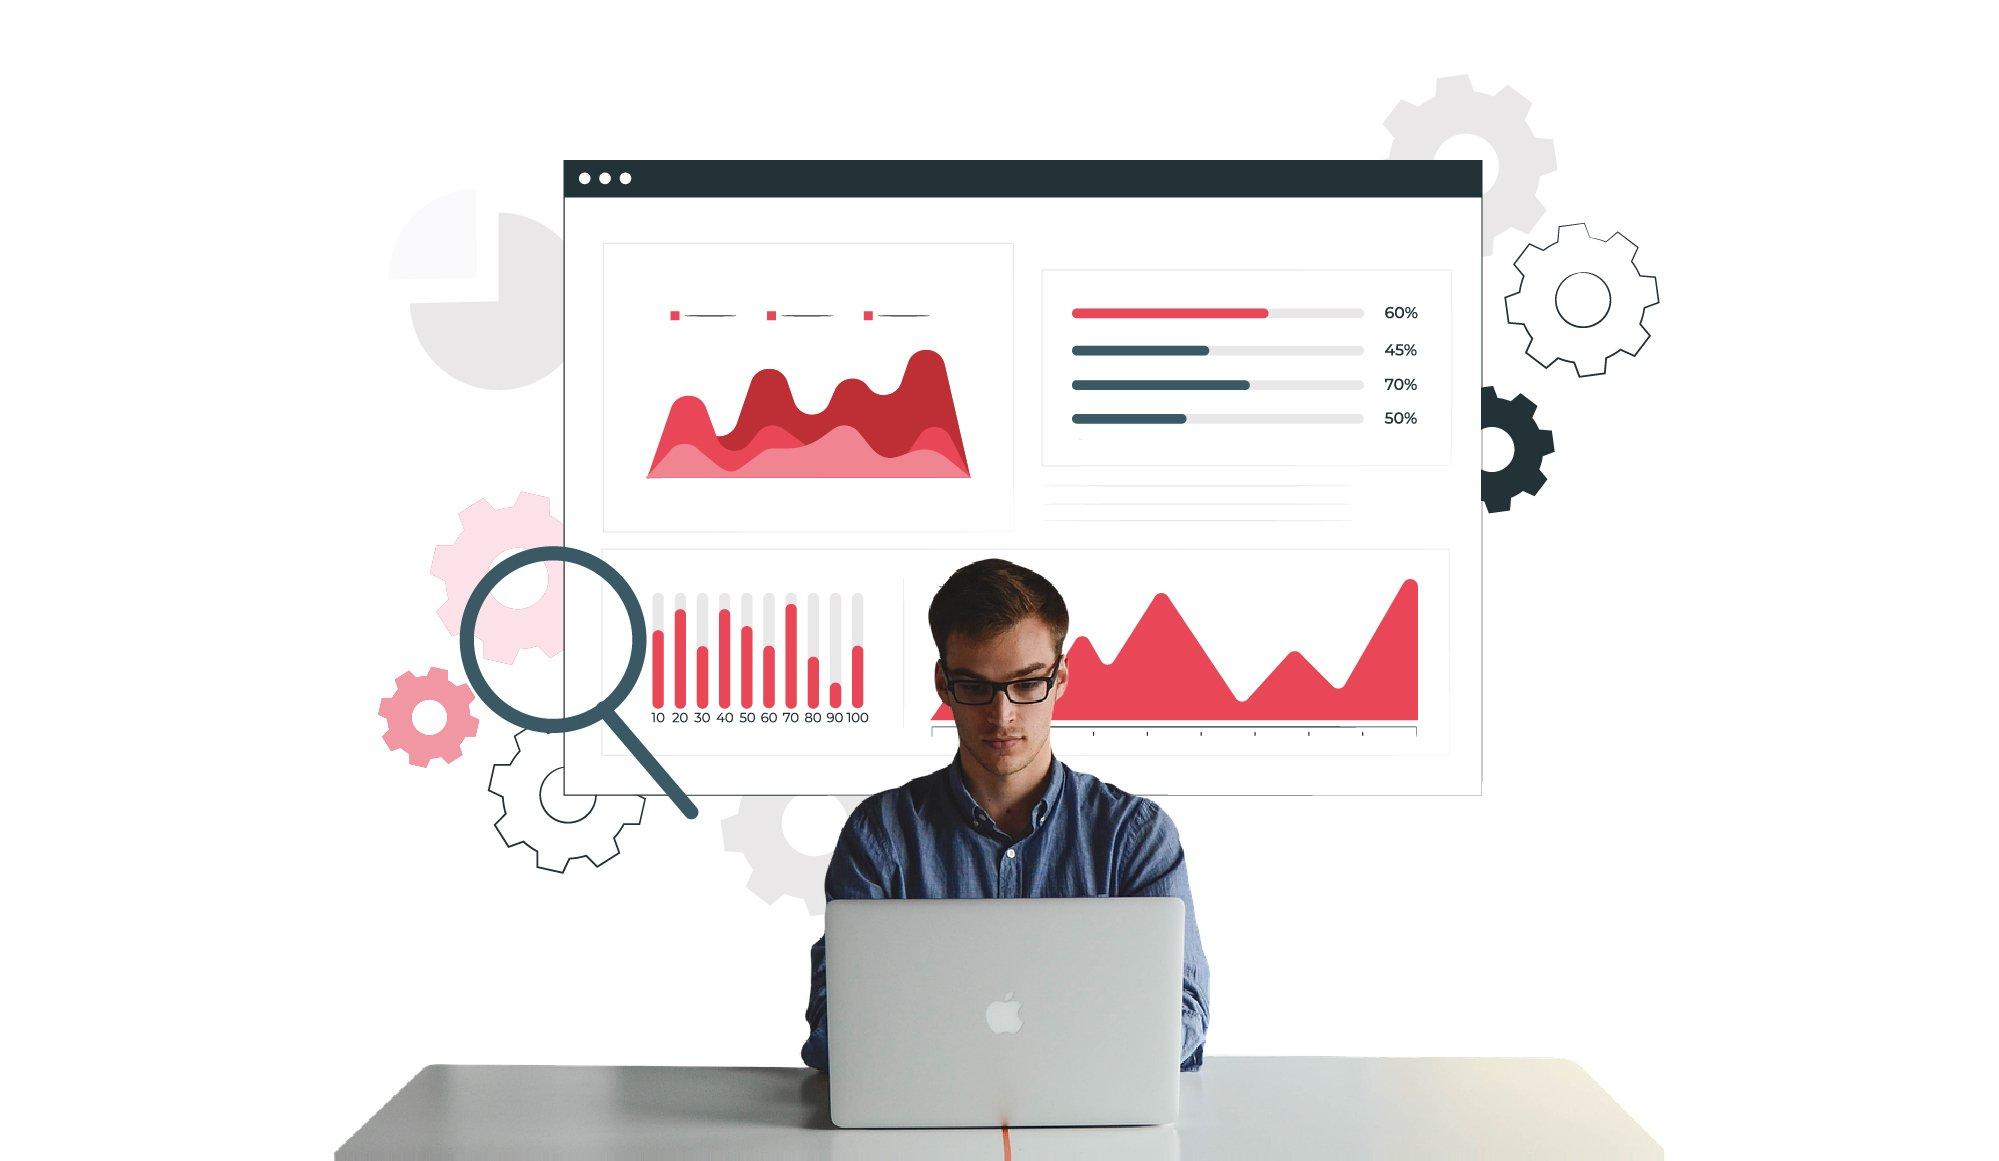 herramientas medición de marketing digital